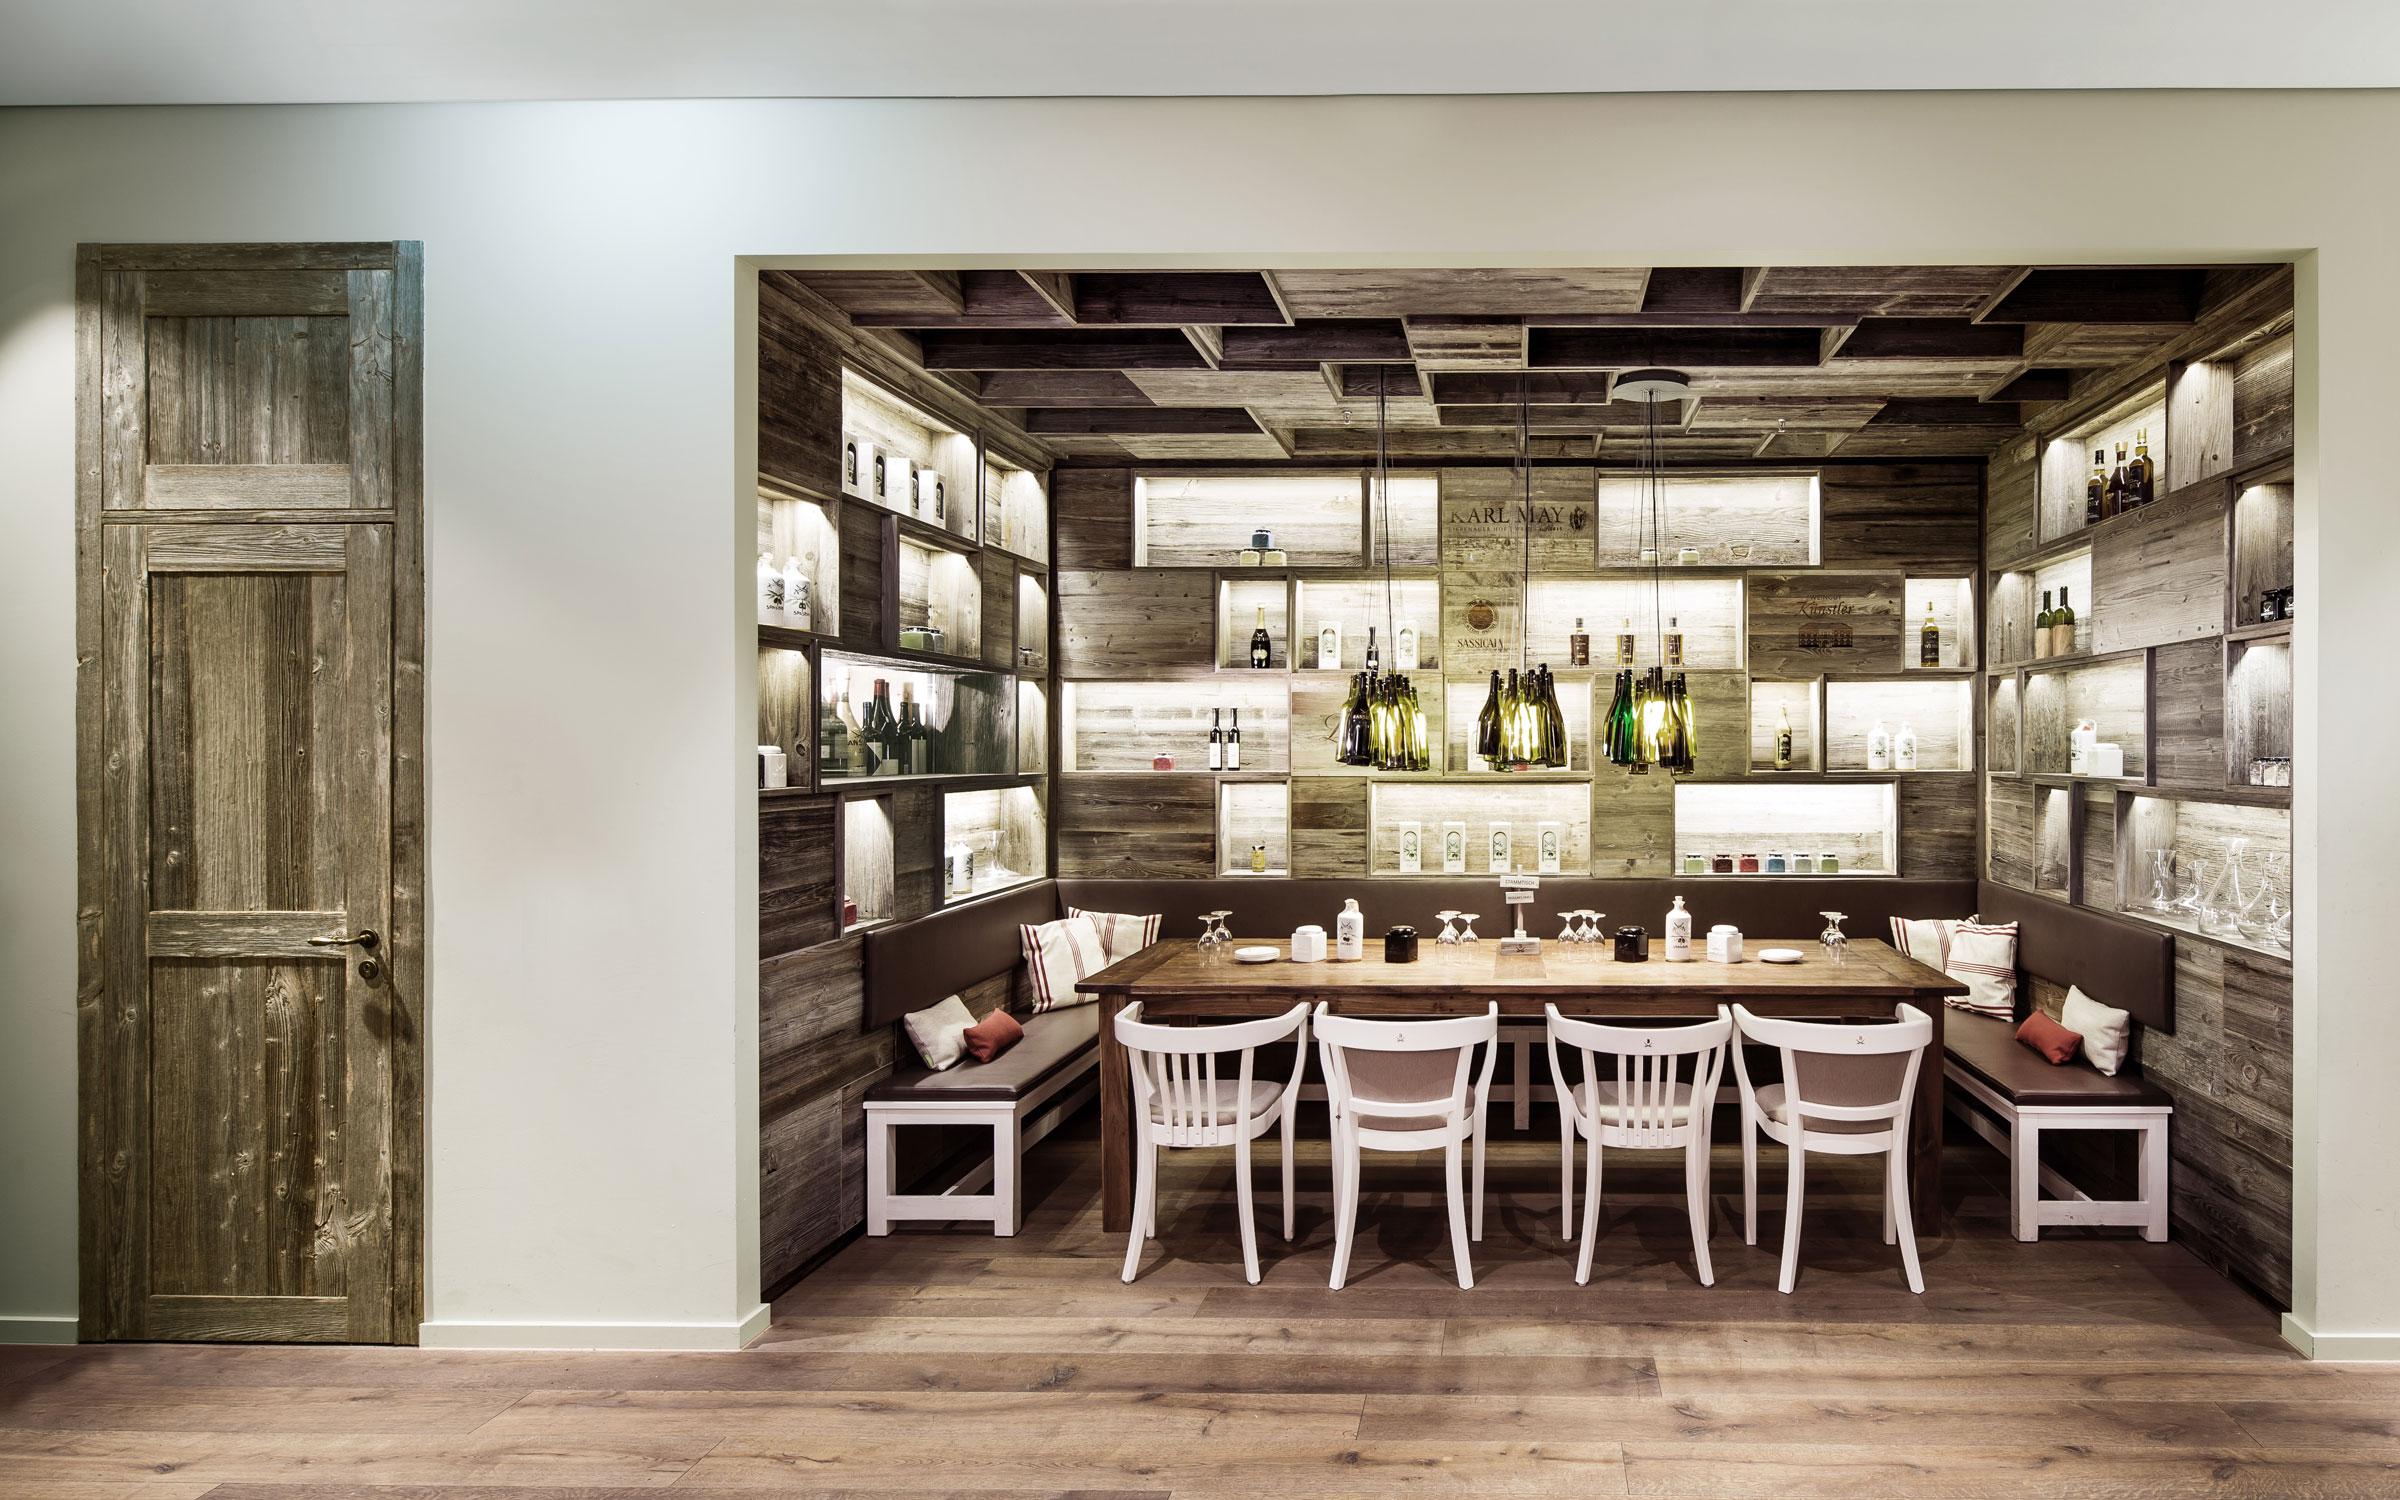 Hotel gastronomie dia dittel architekten for Gastronomie innenarchitektur